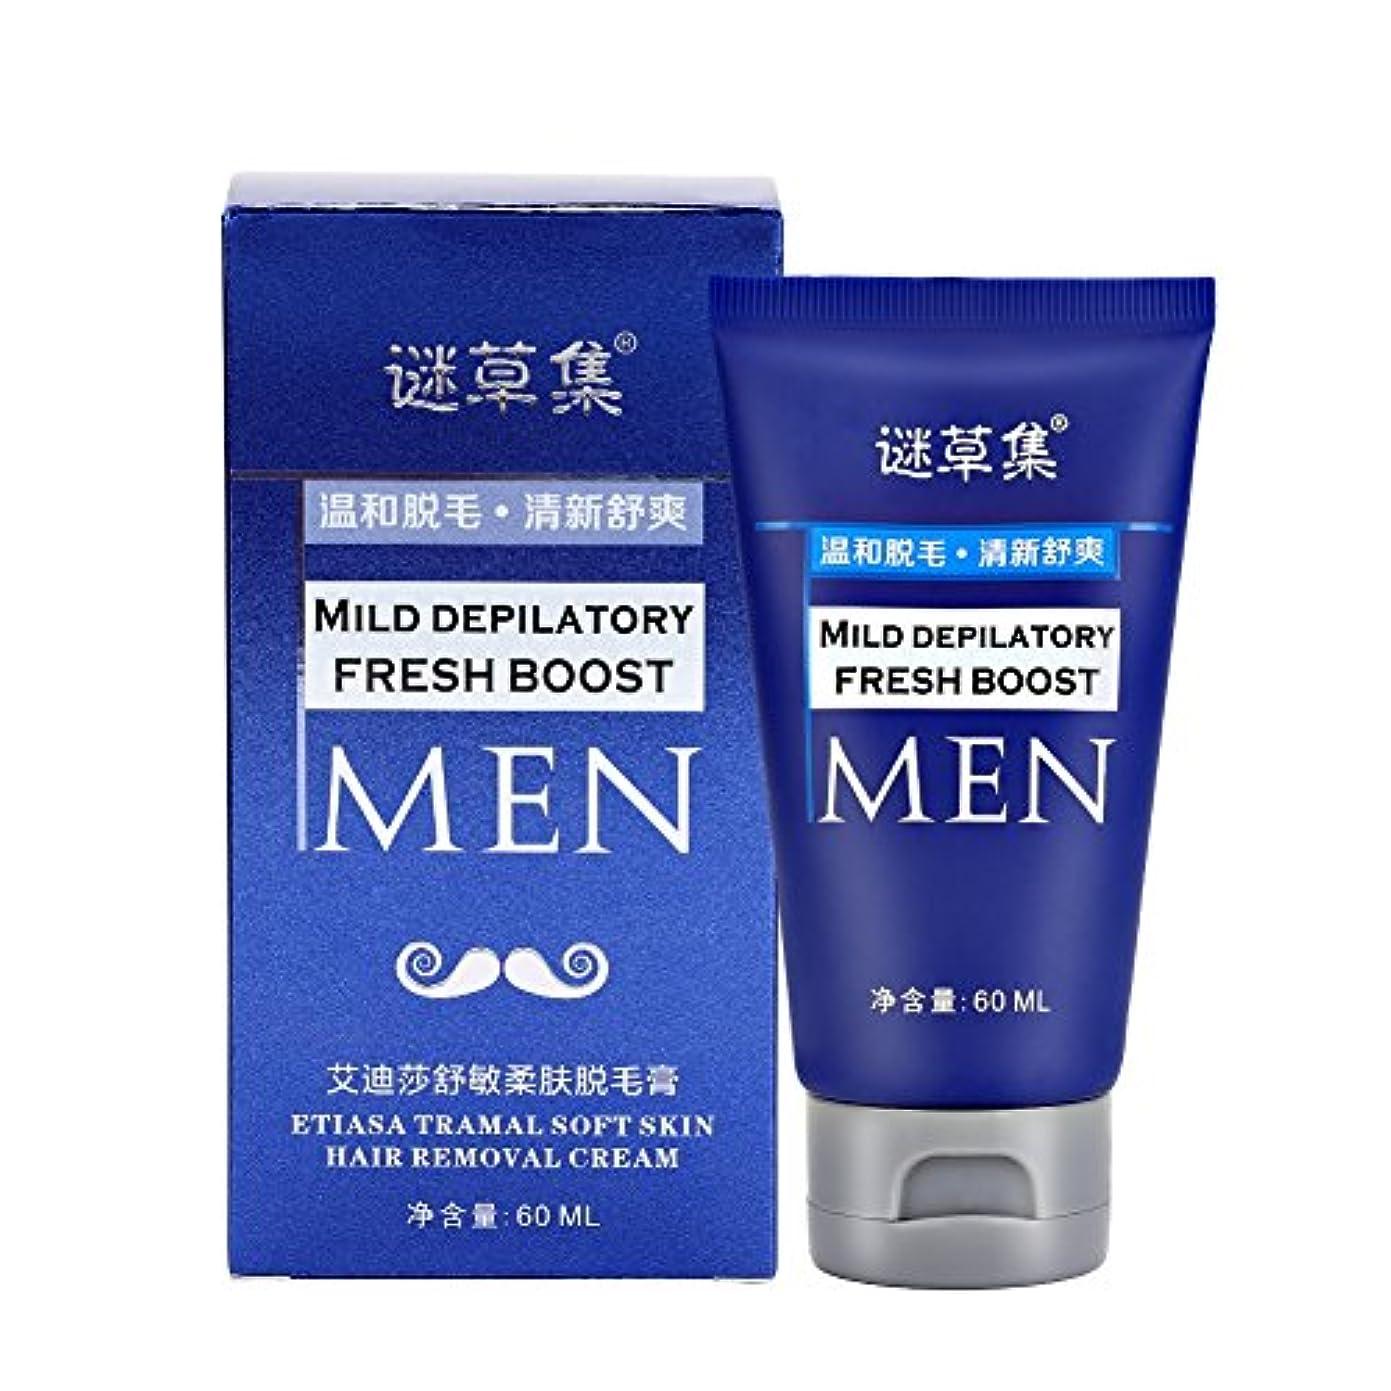 めまい夫婦噴水脱毛クリーム、60ML男性のボディ脱毛腕の脚の髪の痛みを除去する美容クリーム 脱毛クリーム